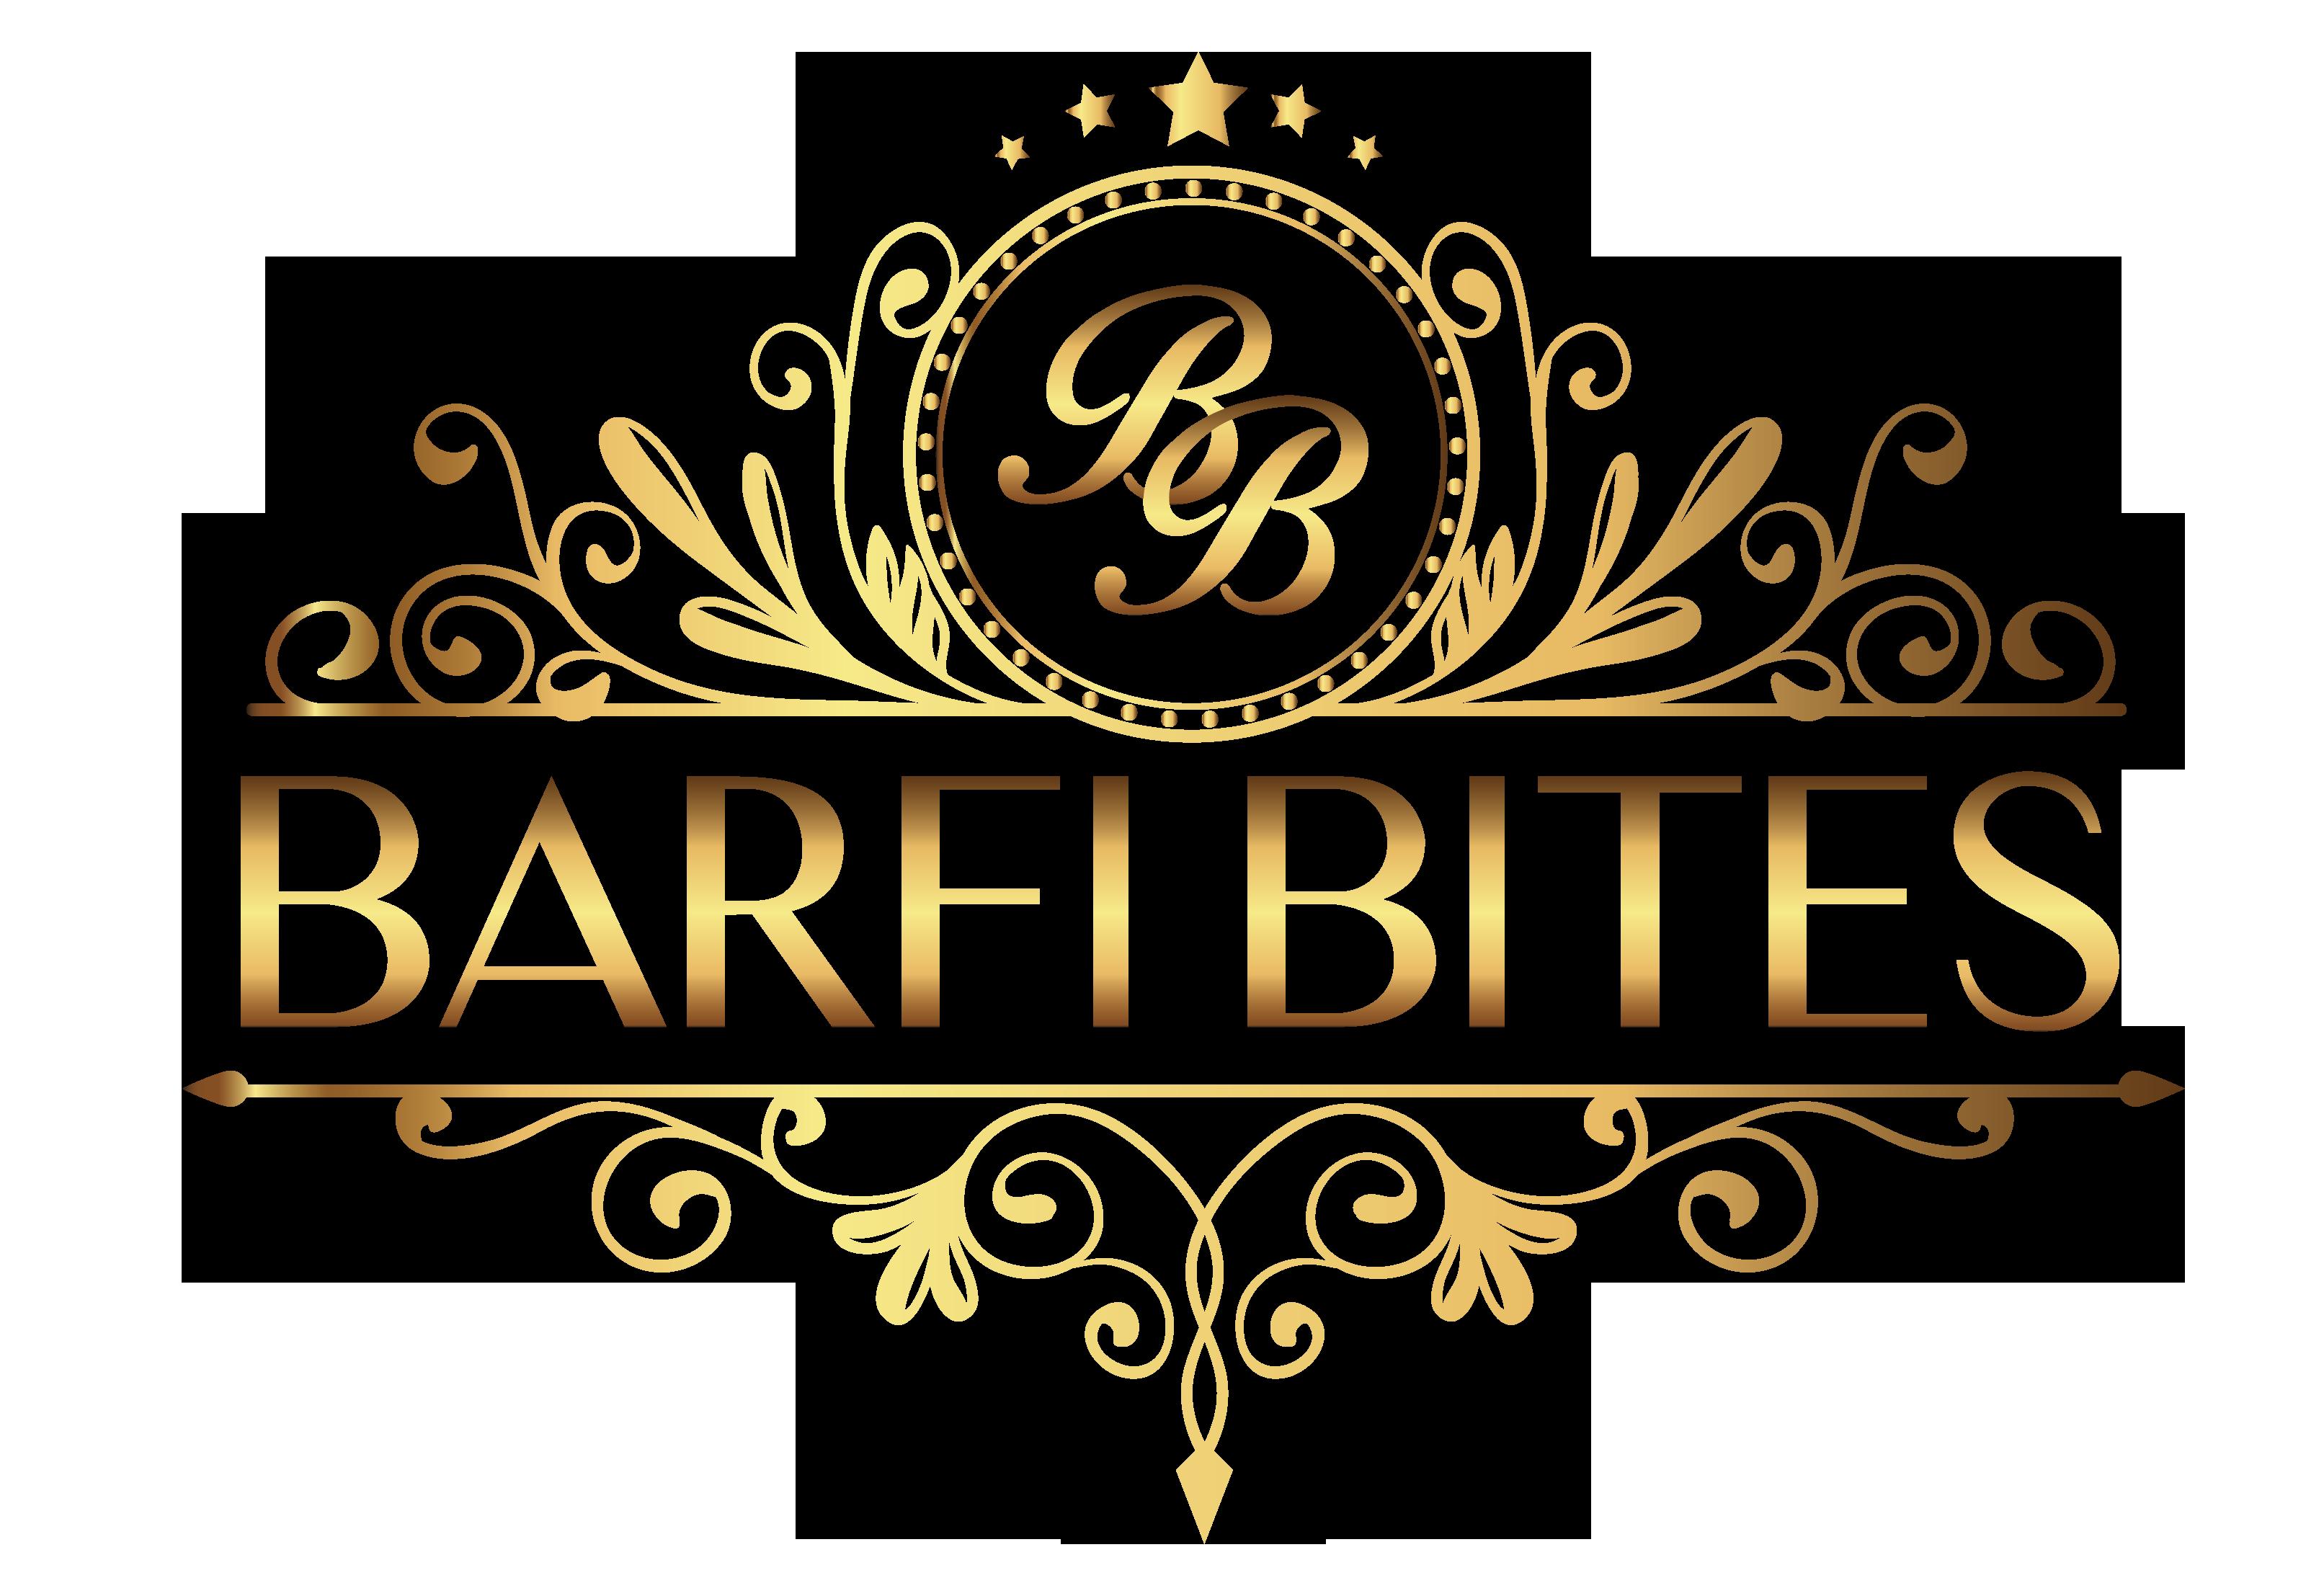 Barfi Bites